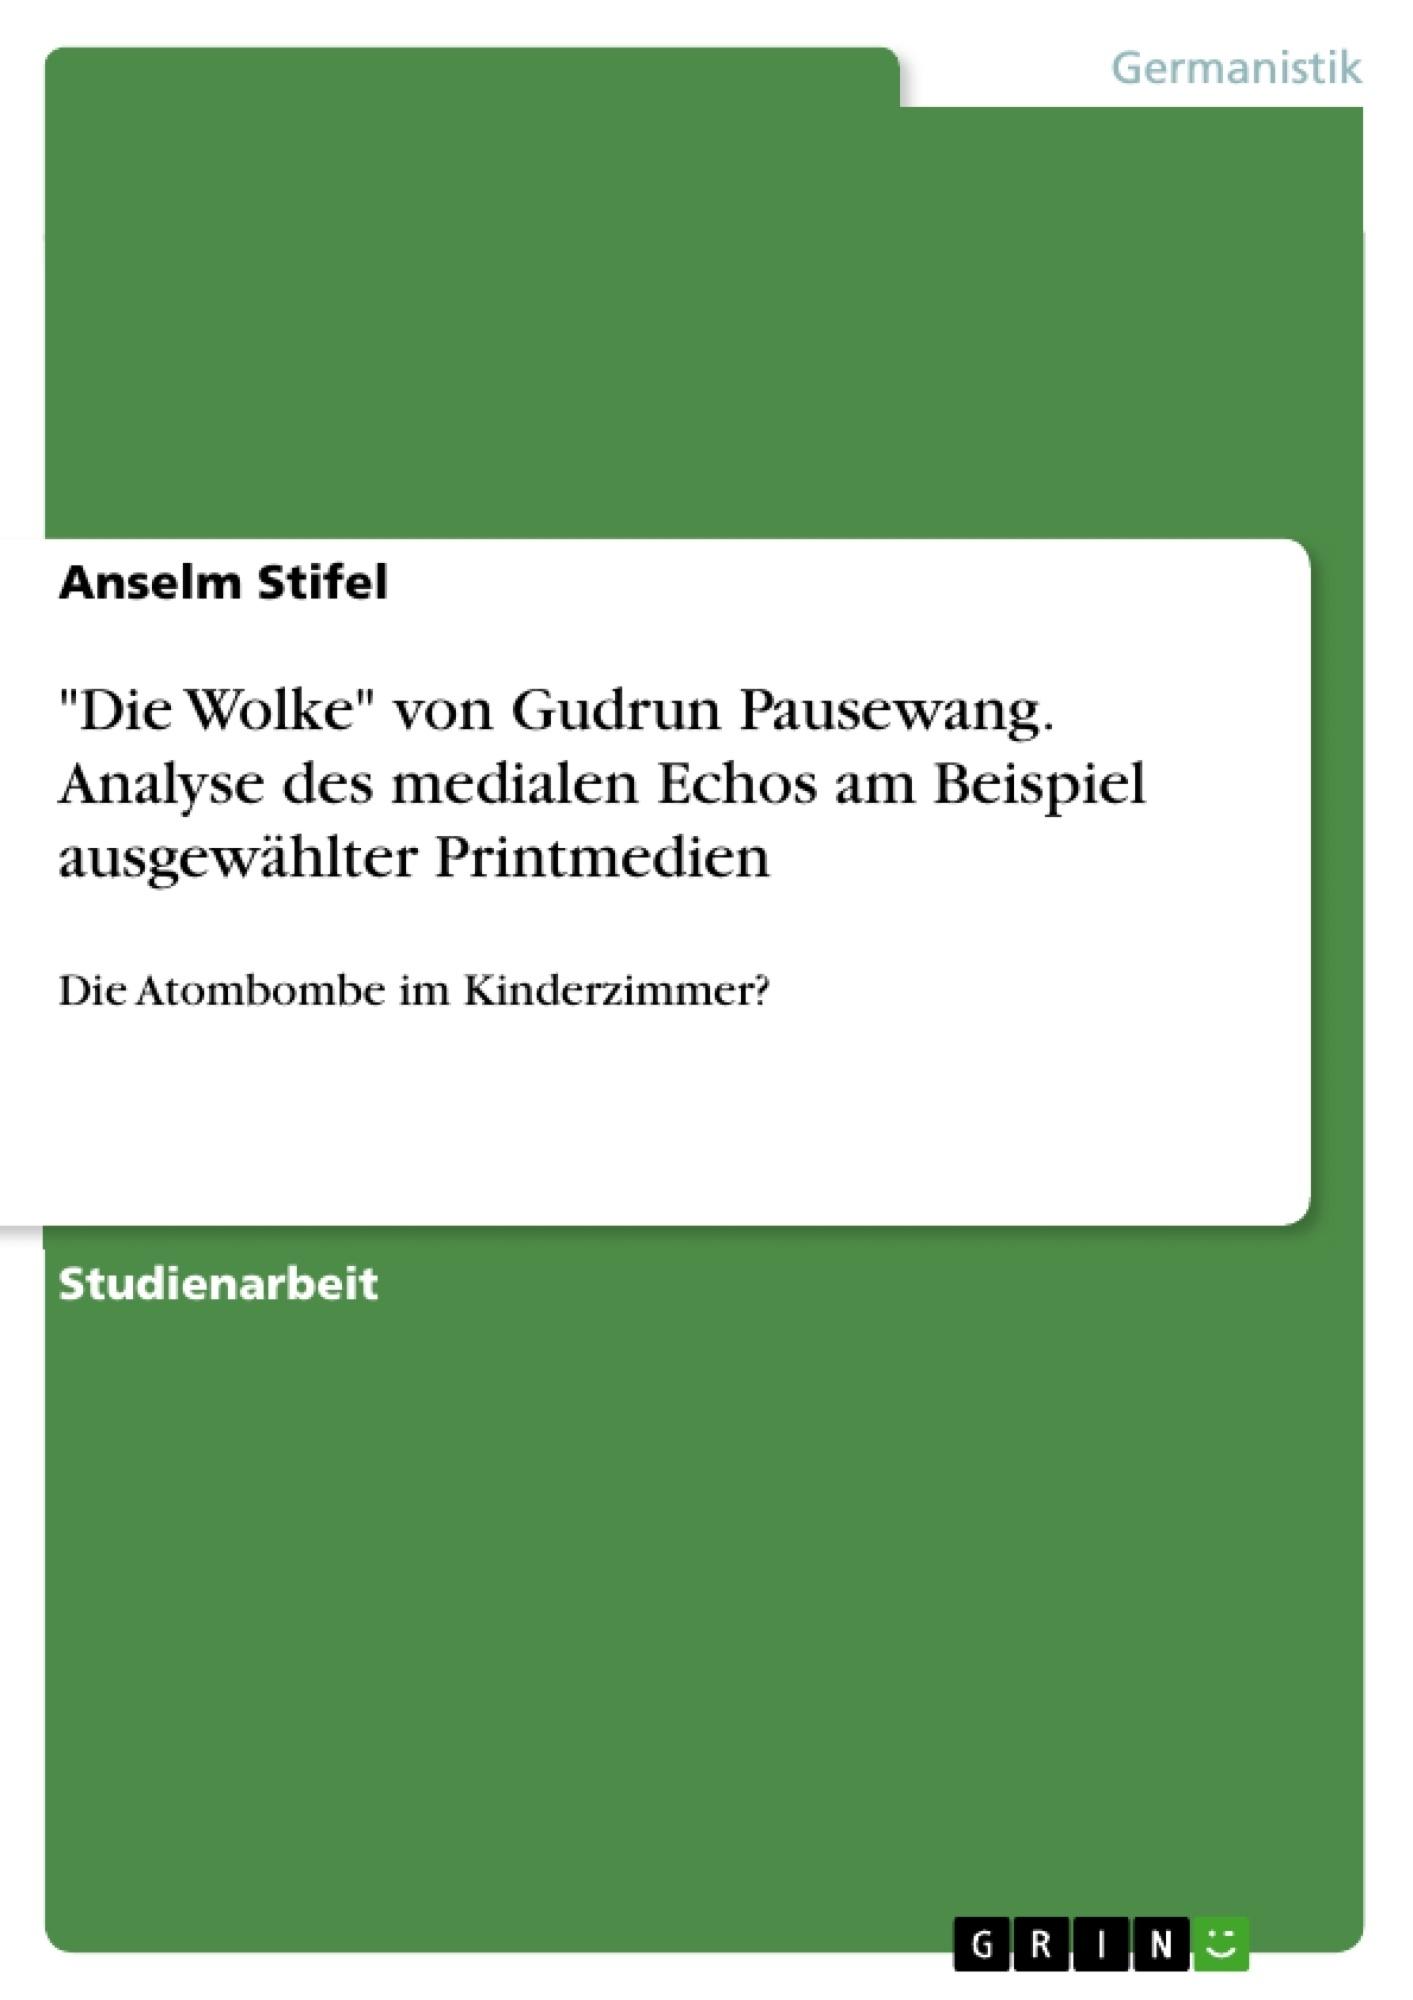 """Titel: """"Die Wolke"""" von Gudrun Pausewang. Analyse des medialen Echos am Beispiel ausgewählter Printmedien"""